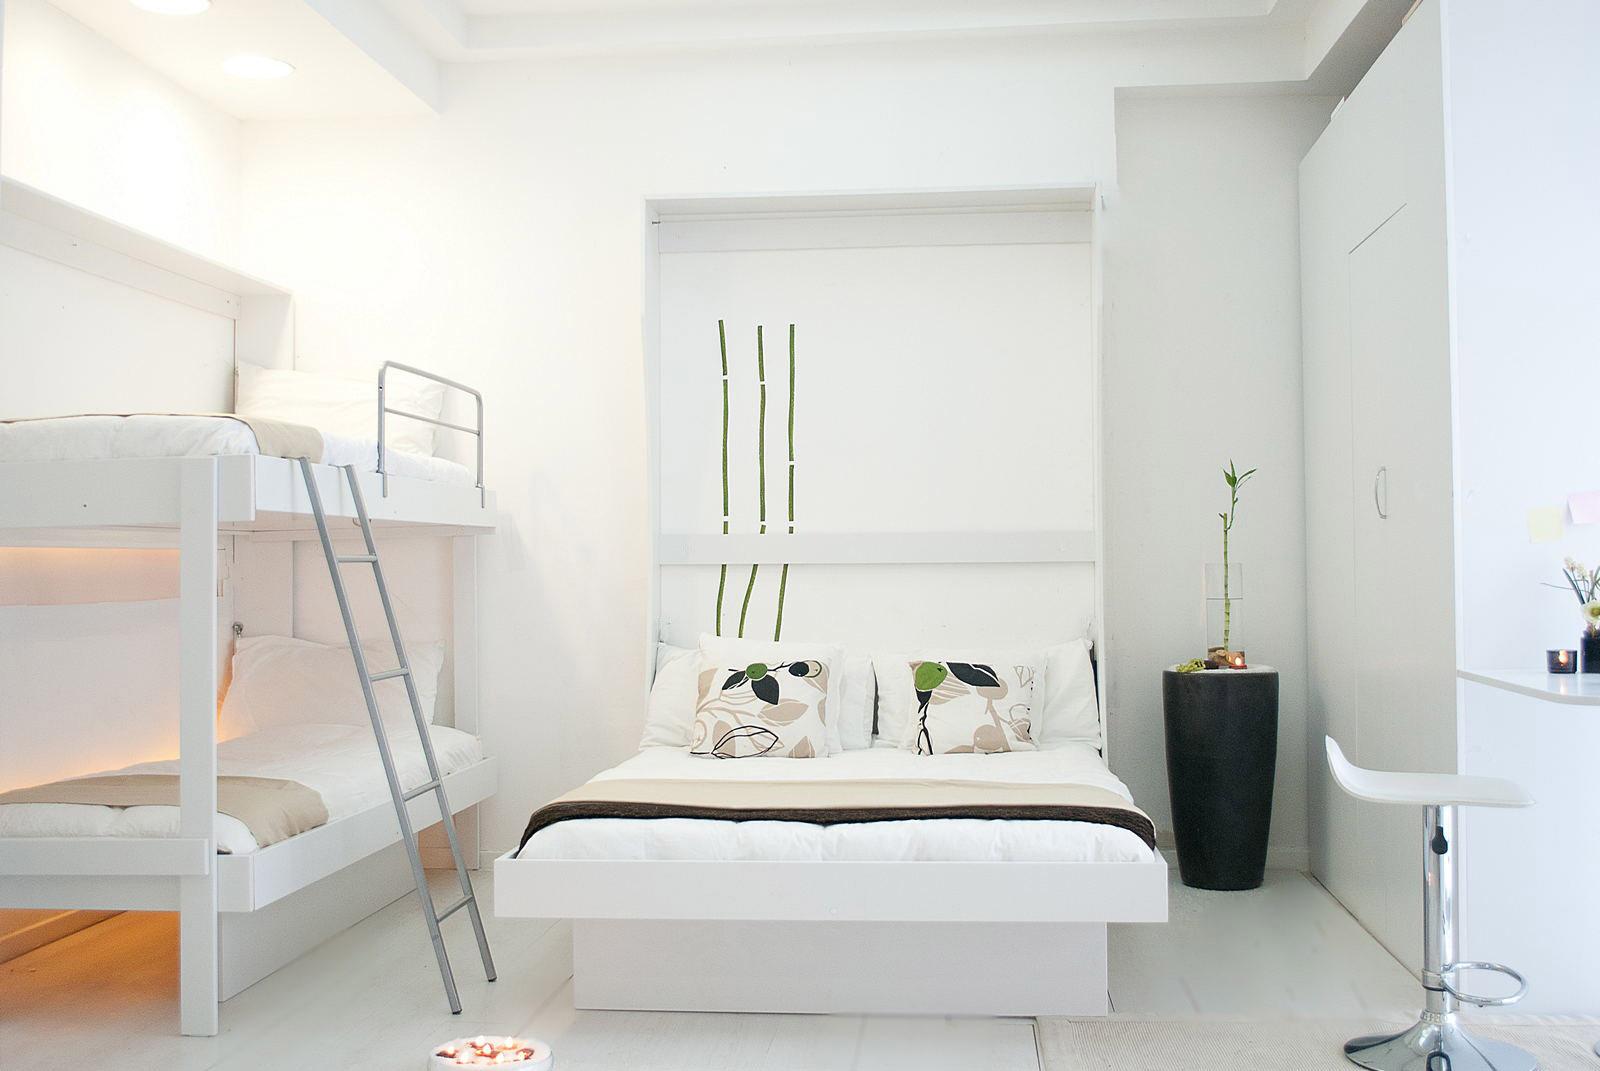 Letto a castello letto matrimoniale a parete vivilospazio mobili trasformabili - Letto matrimoniale a parete ...